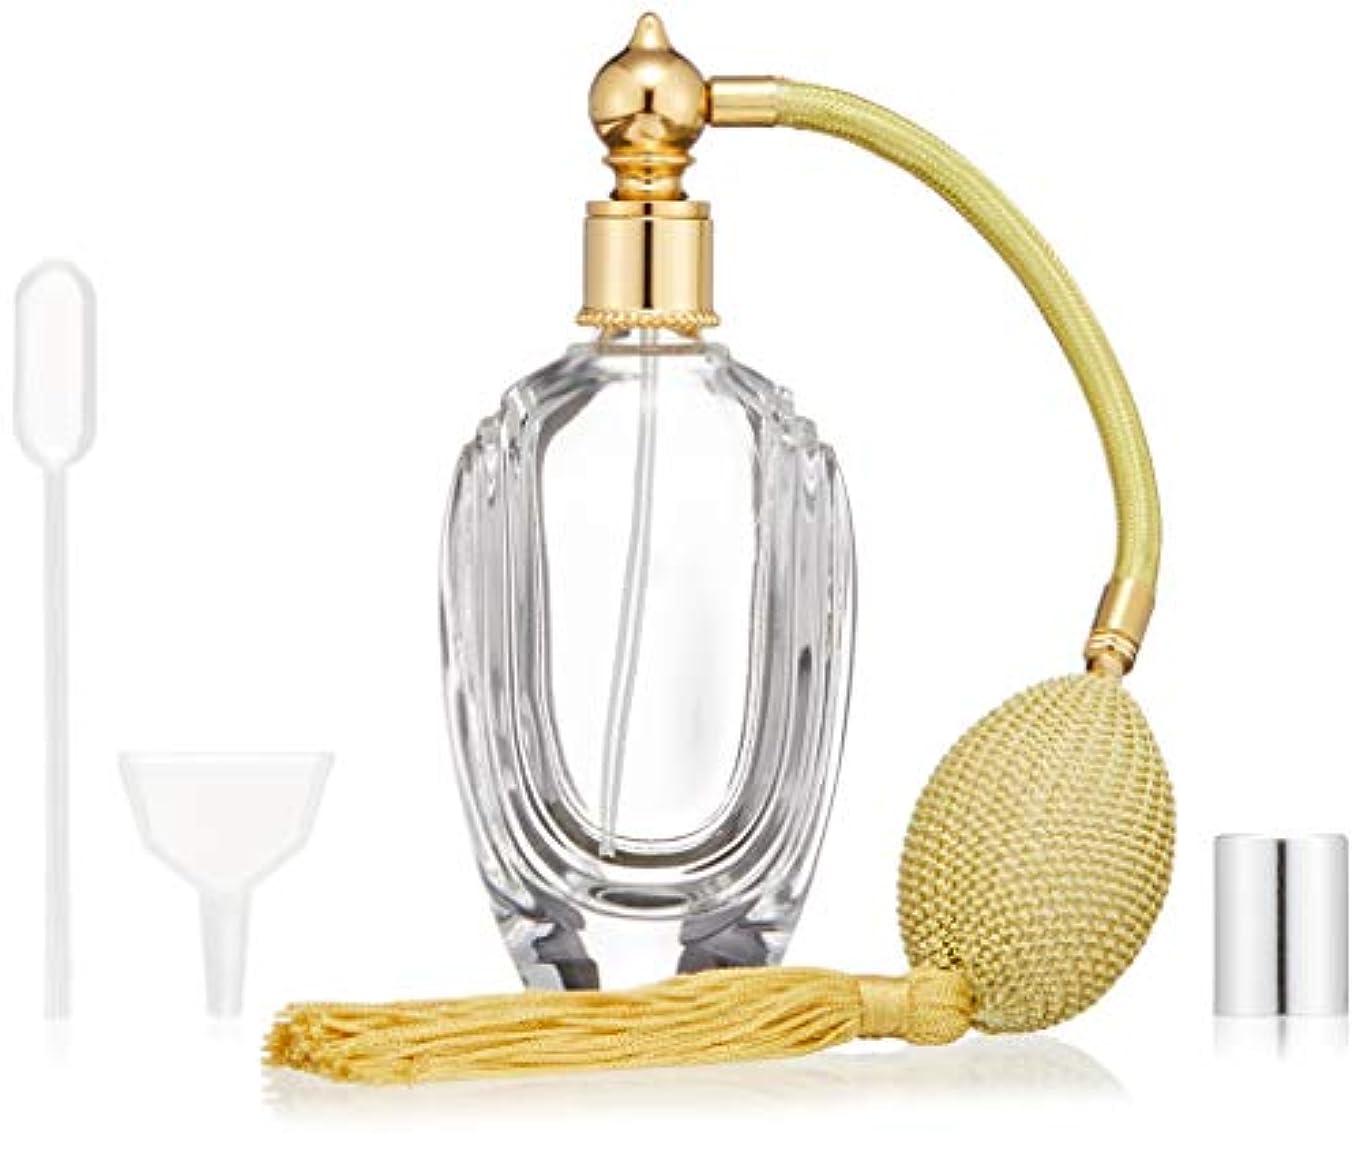 バインド時制マラドロイトヒロセアトマイザー フランス製香水瓶50ML Upper East Side 399853CG (50MLタクジョウ) CLGD